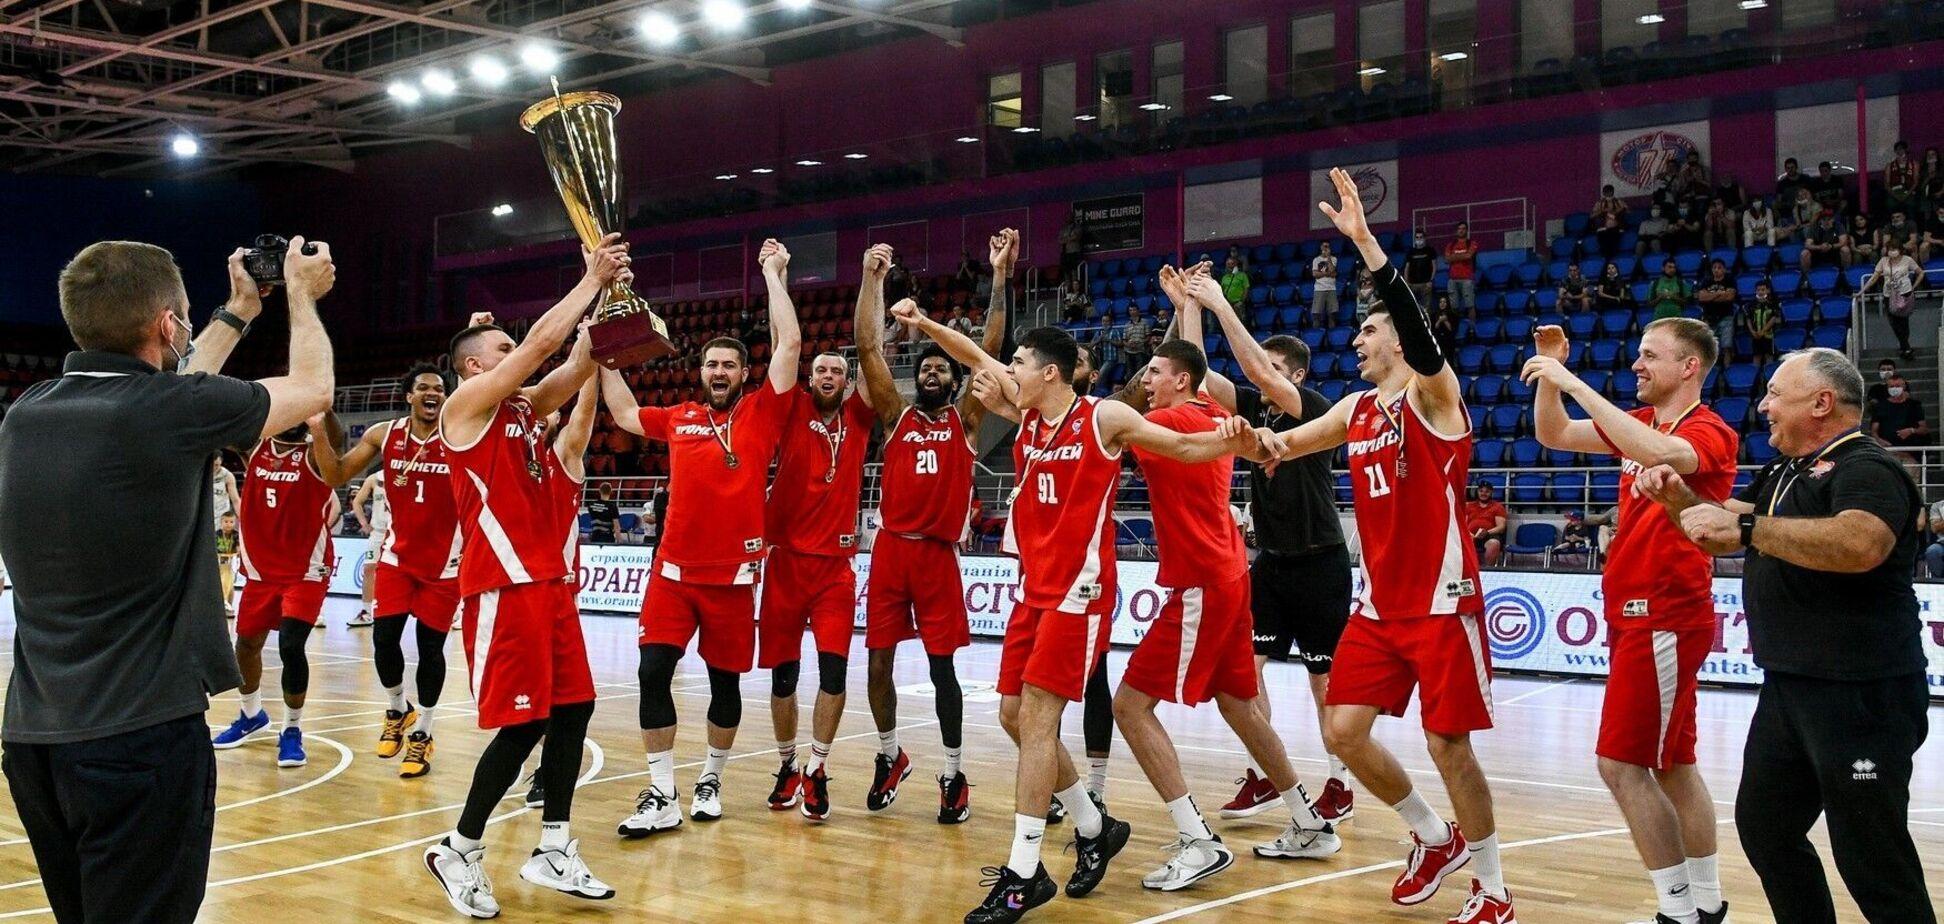 Историческое чемпионство, сборная на Евро: что происходит в украинском баскетболе